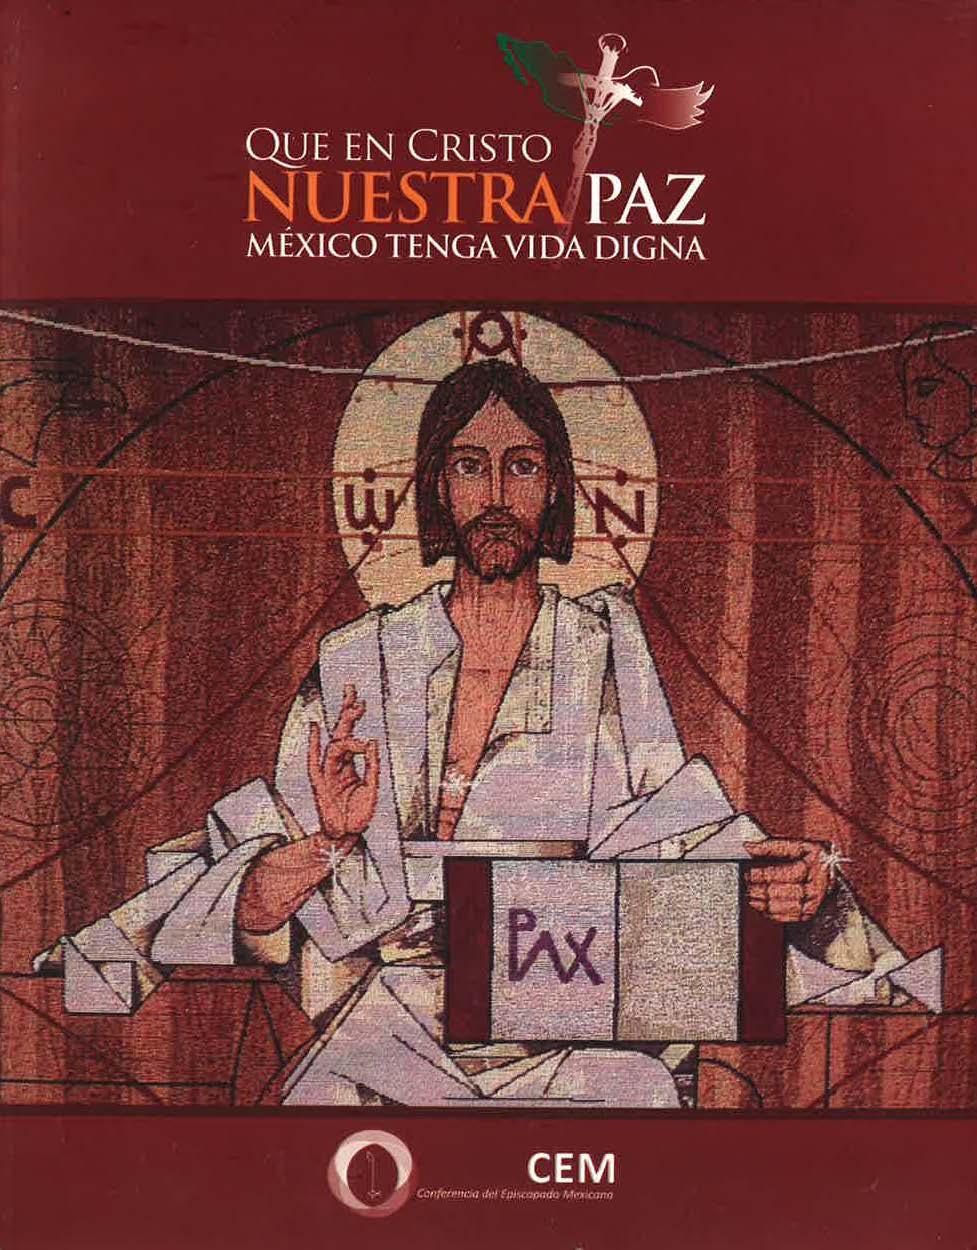 Que en Cristo nuestra paz México tenga vida digna